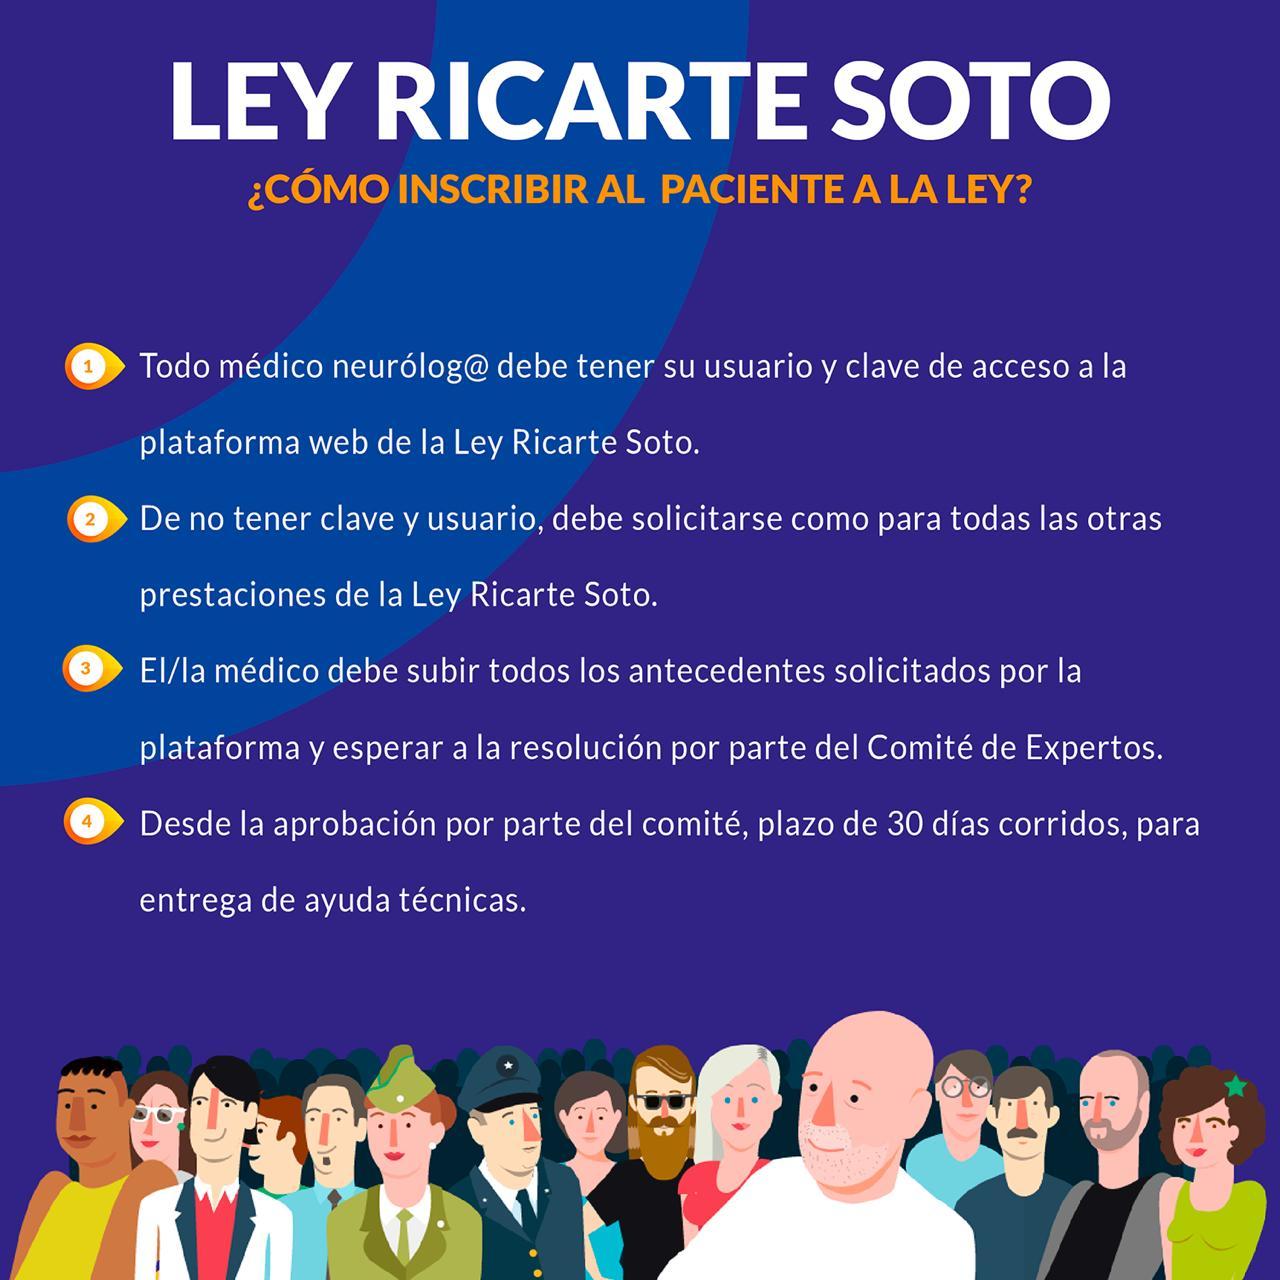 ley-ricarte-soto_inscribir-paciente